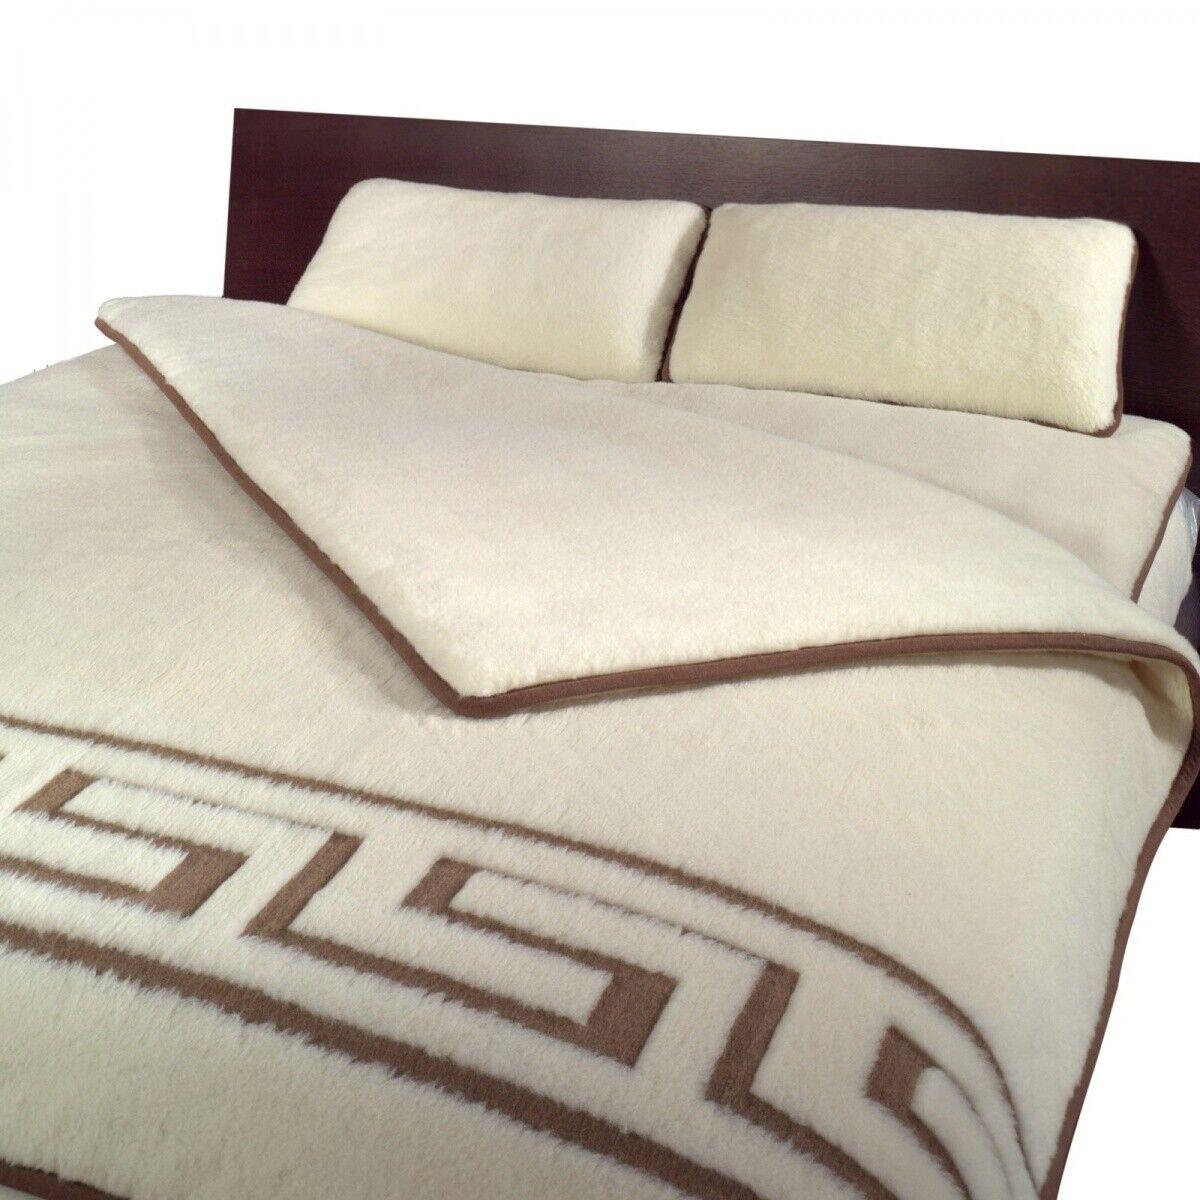 Bettdecke Wolldecke Greca 140x200 ökologisch 2 Schichten Merinowolle Weiß/Braun